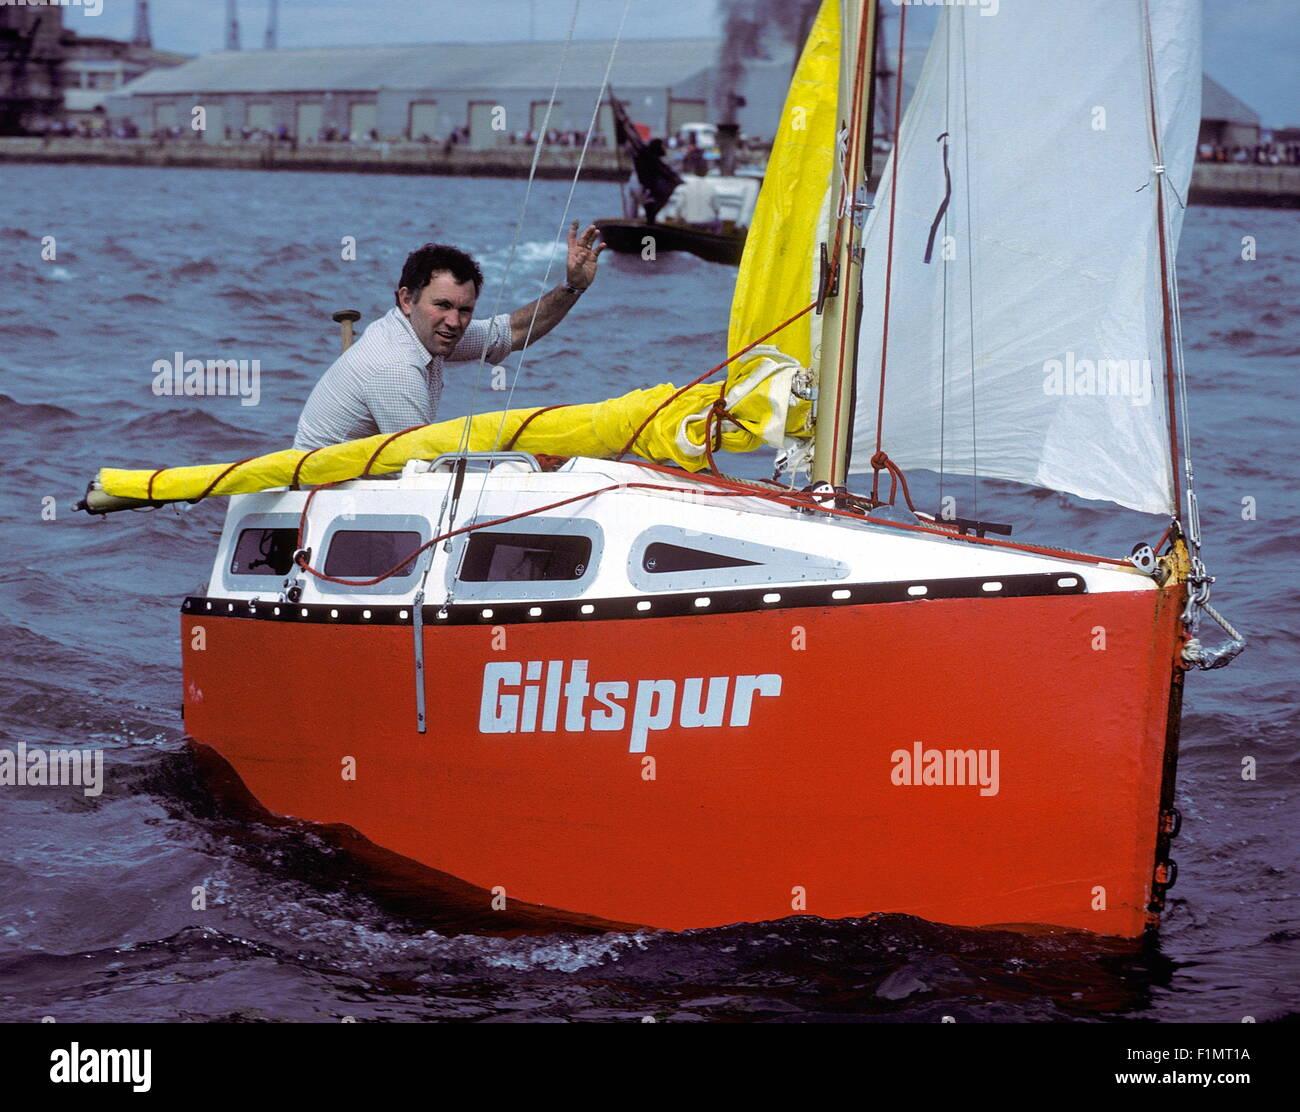 AJAX NOUVELLES PHOTOS - 1983 - Solitaire - TOM McCLEAN, qui a navigué L'ATLANTIQUE EN SOLITAIRE À Photo Stock